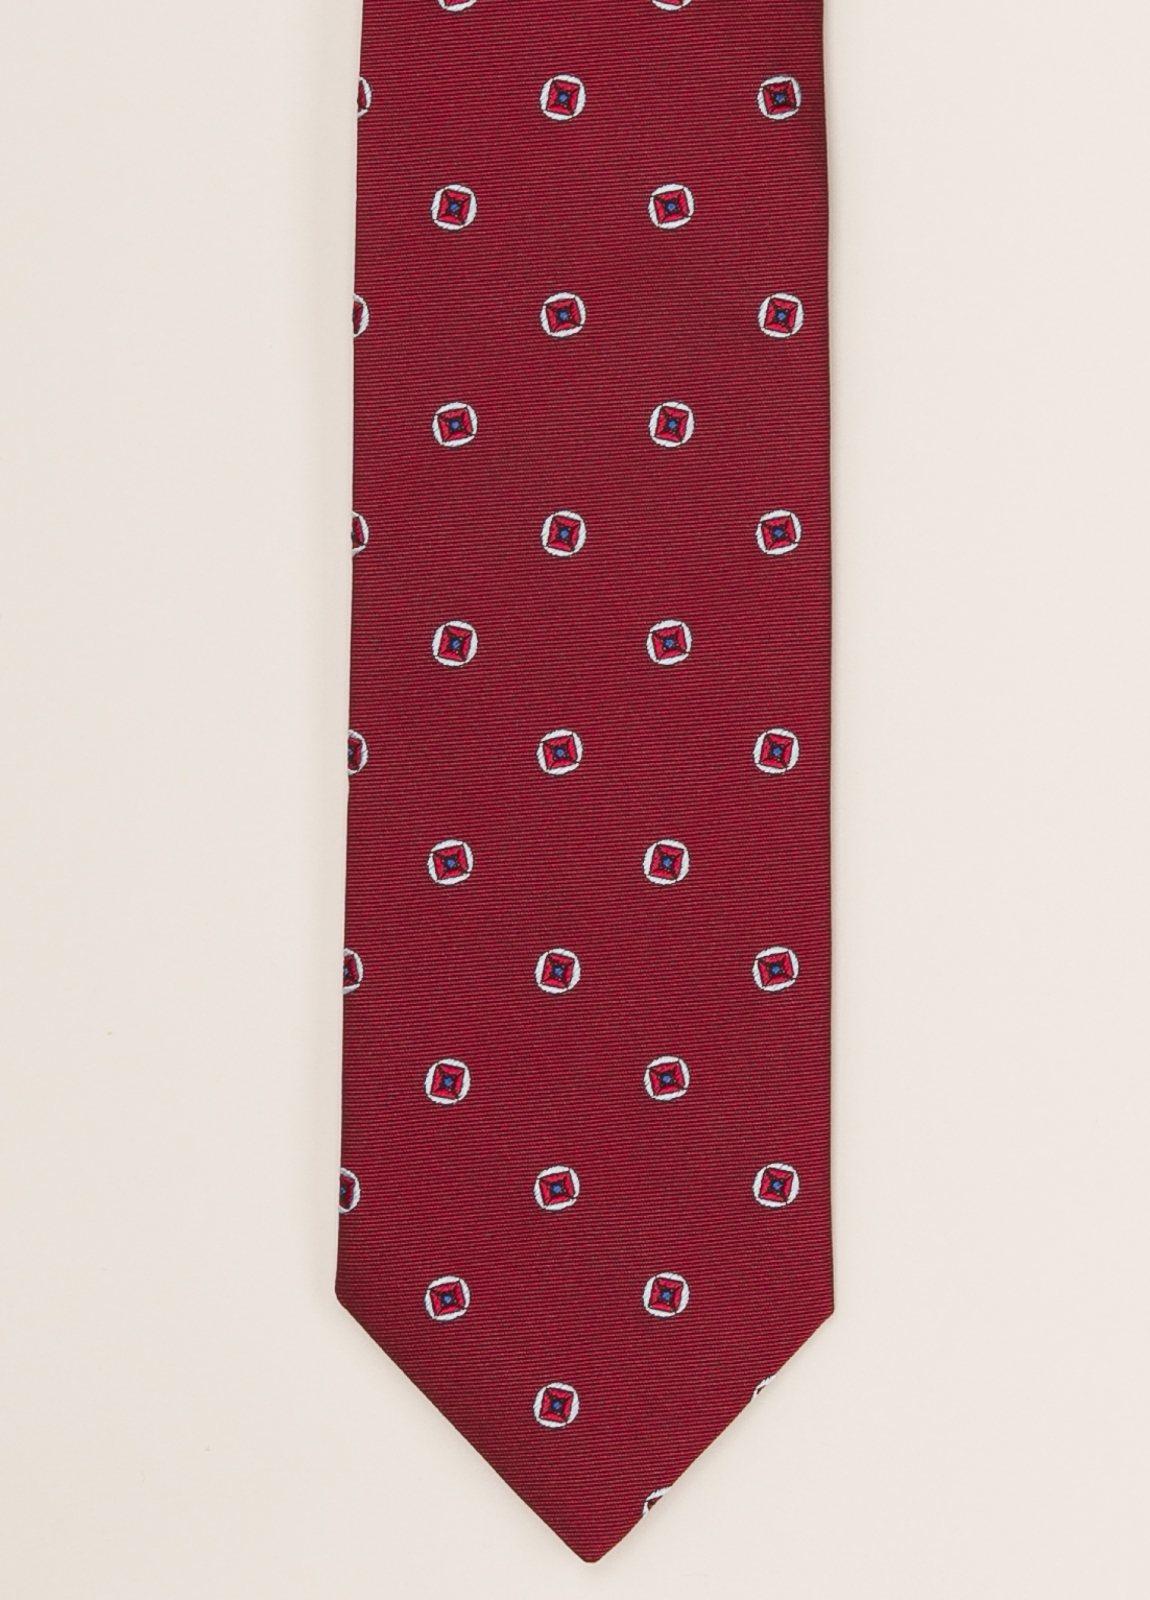 Corbata FUREST COLECCIÓN rojo